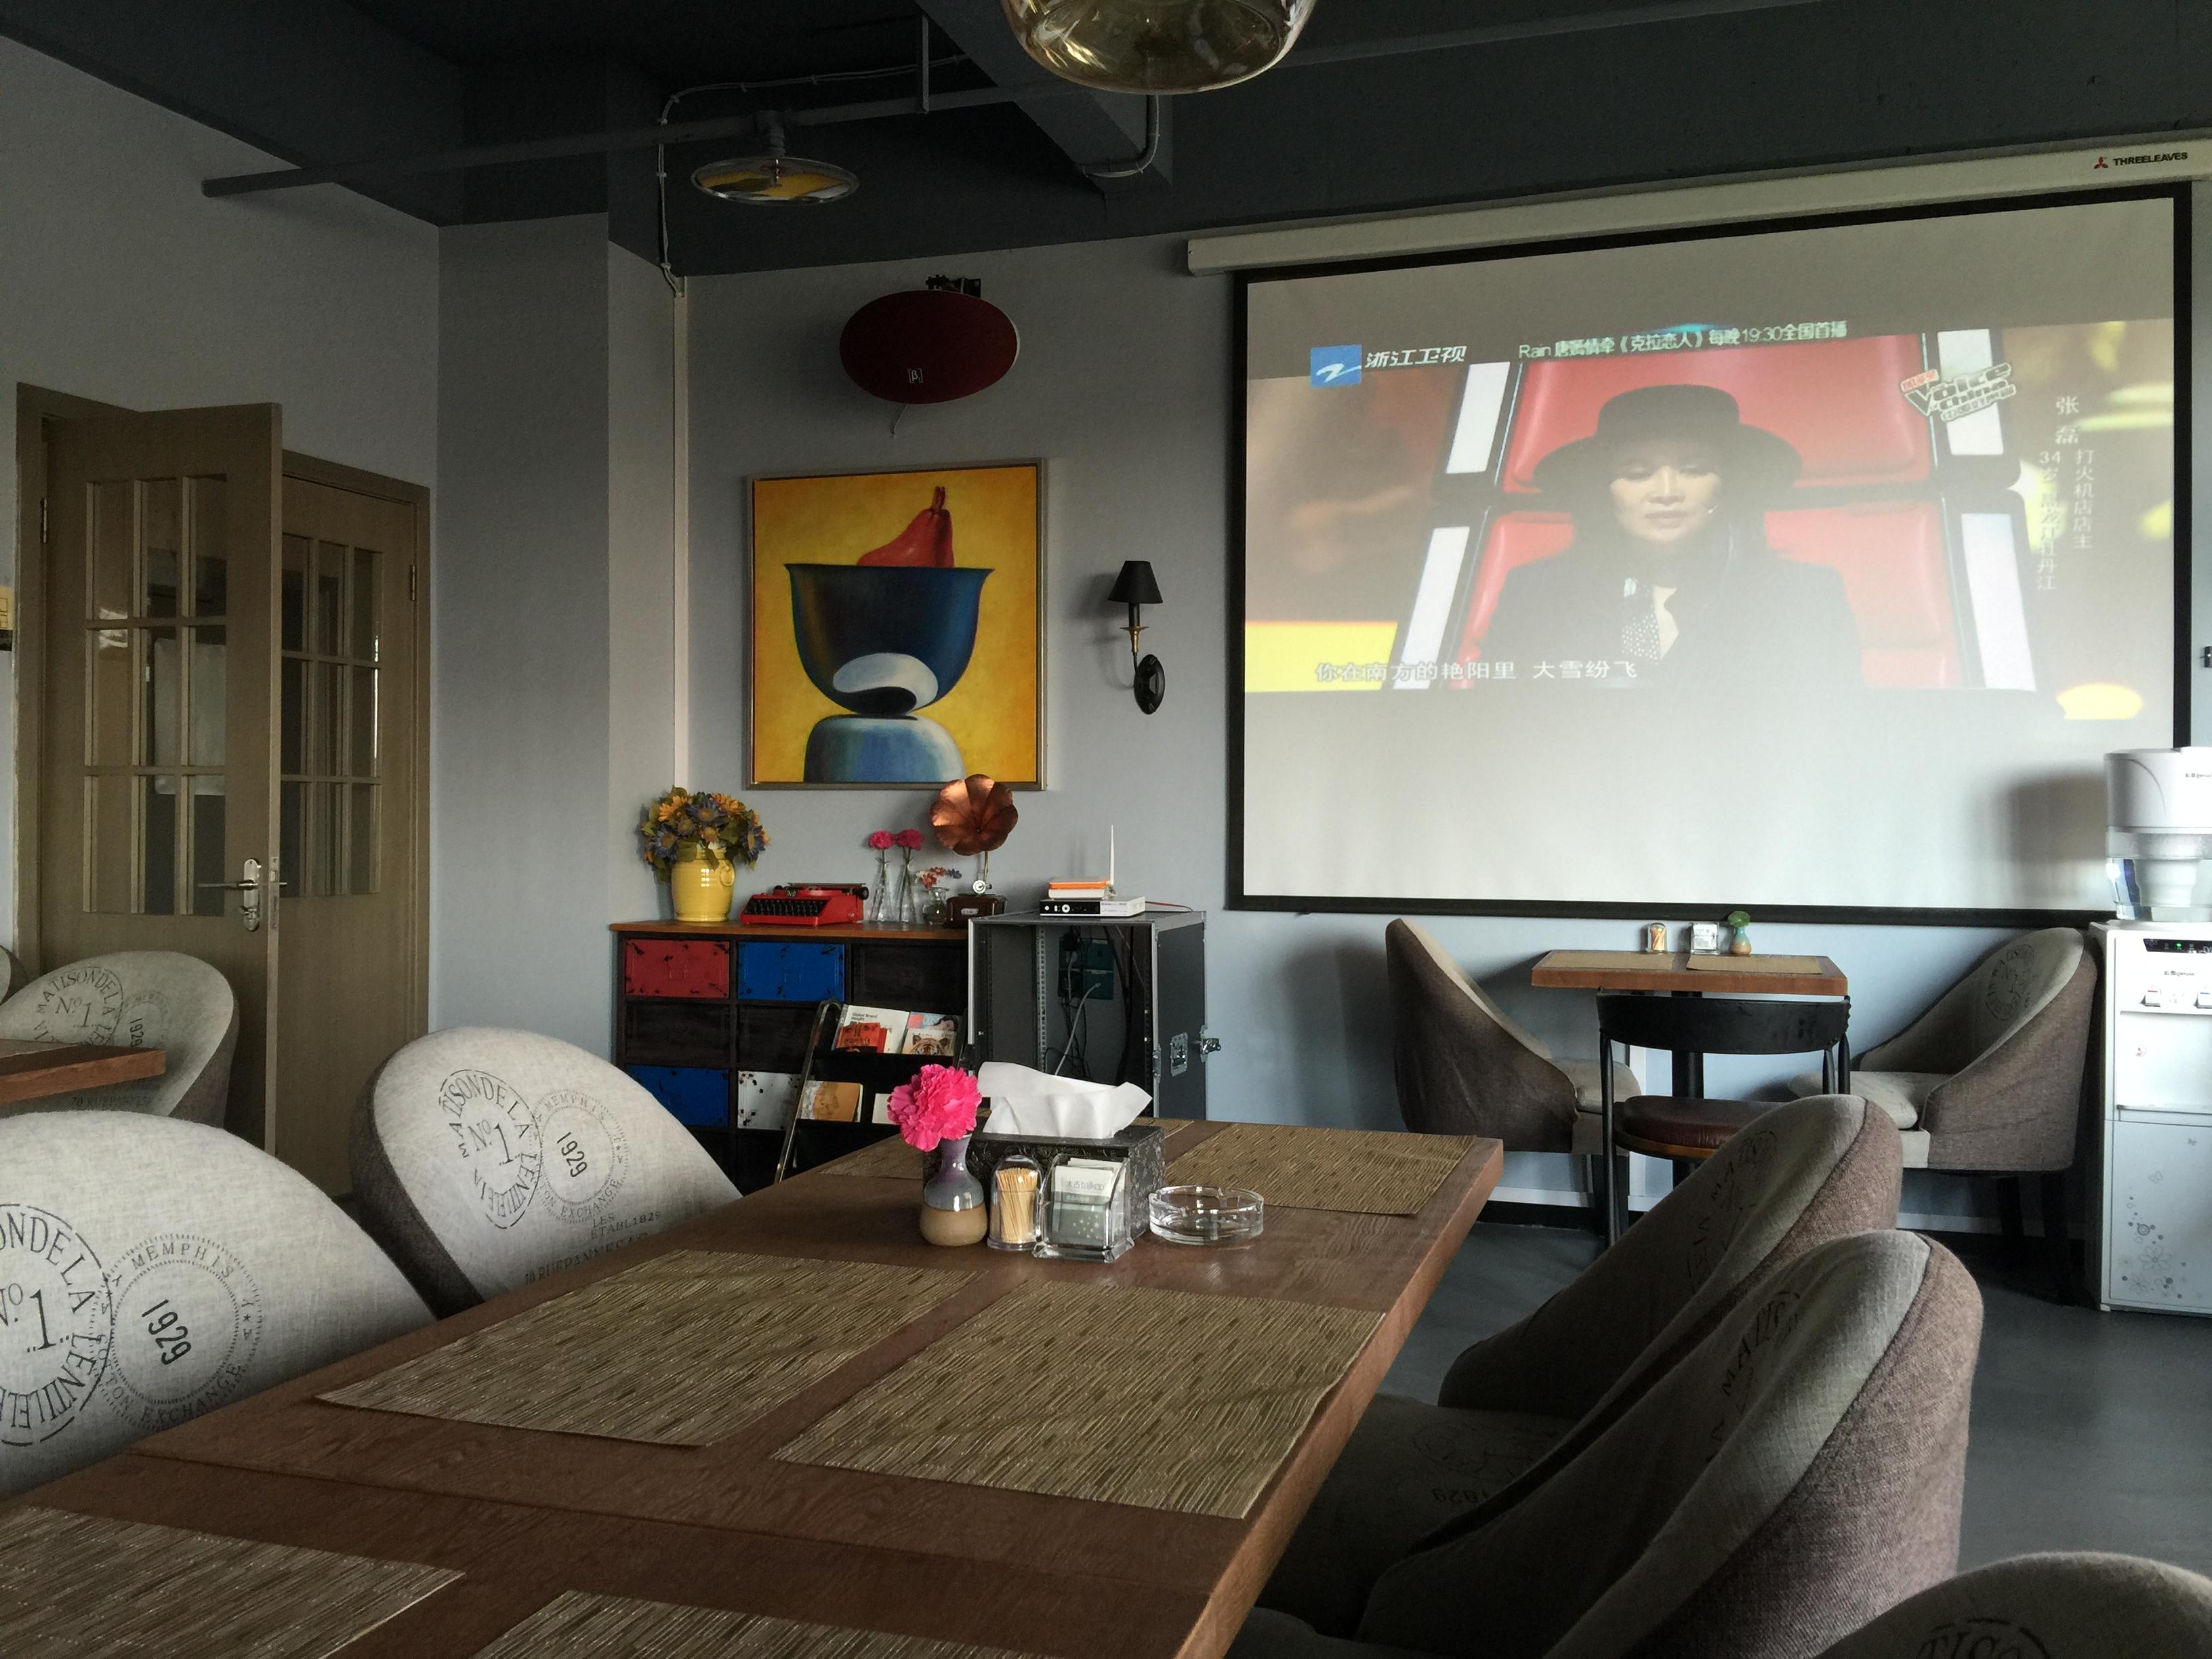 入住重庆桉树林电影主题酒店 享受奔驰接机图片